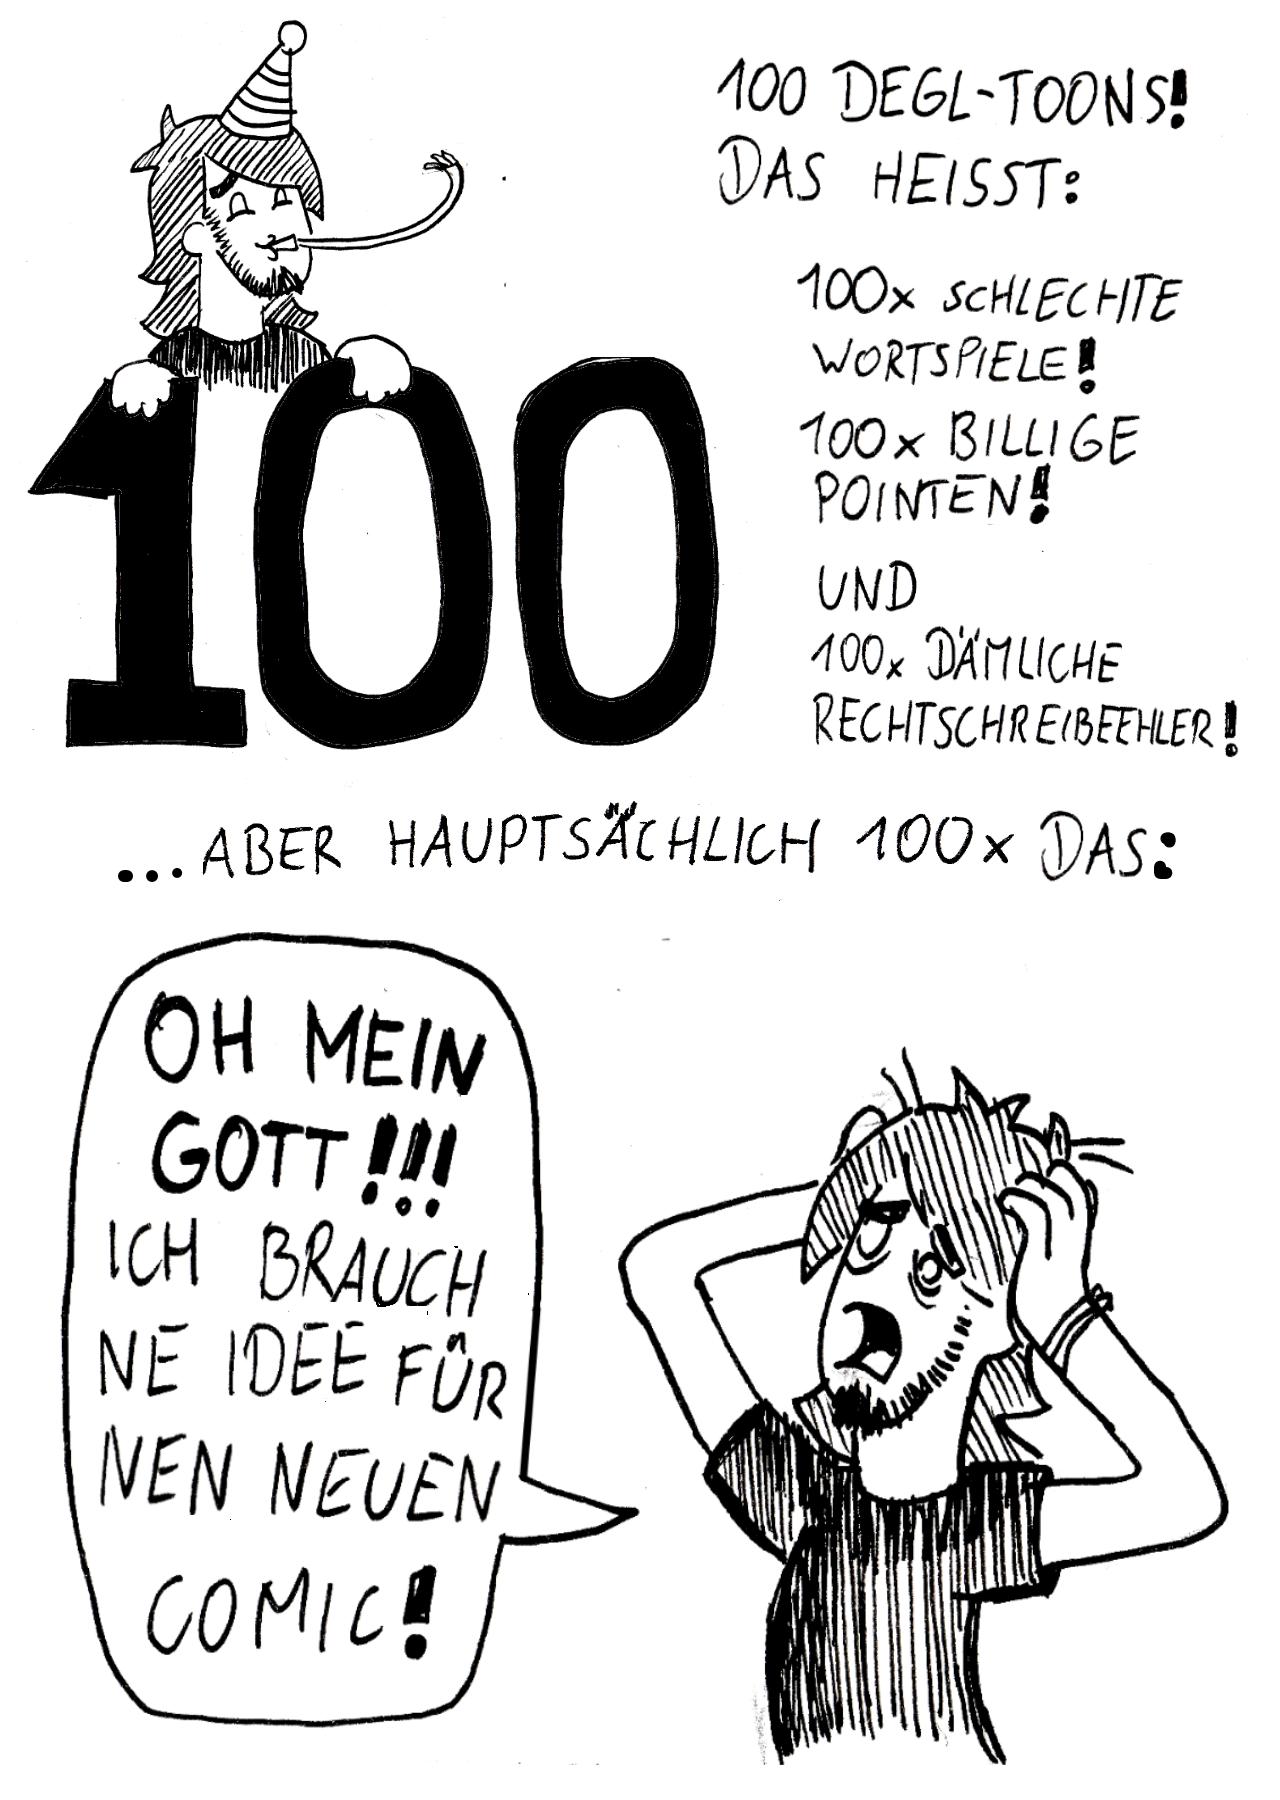 toon-100